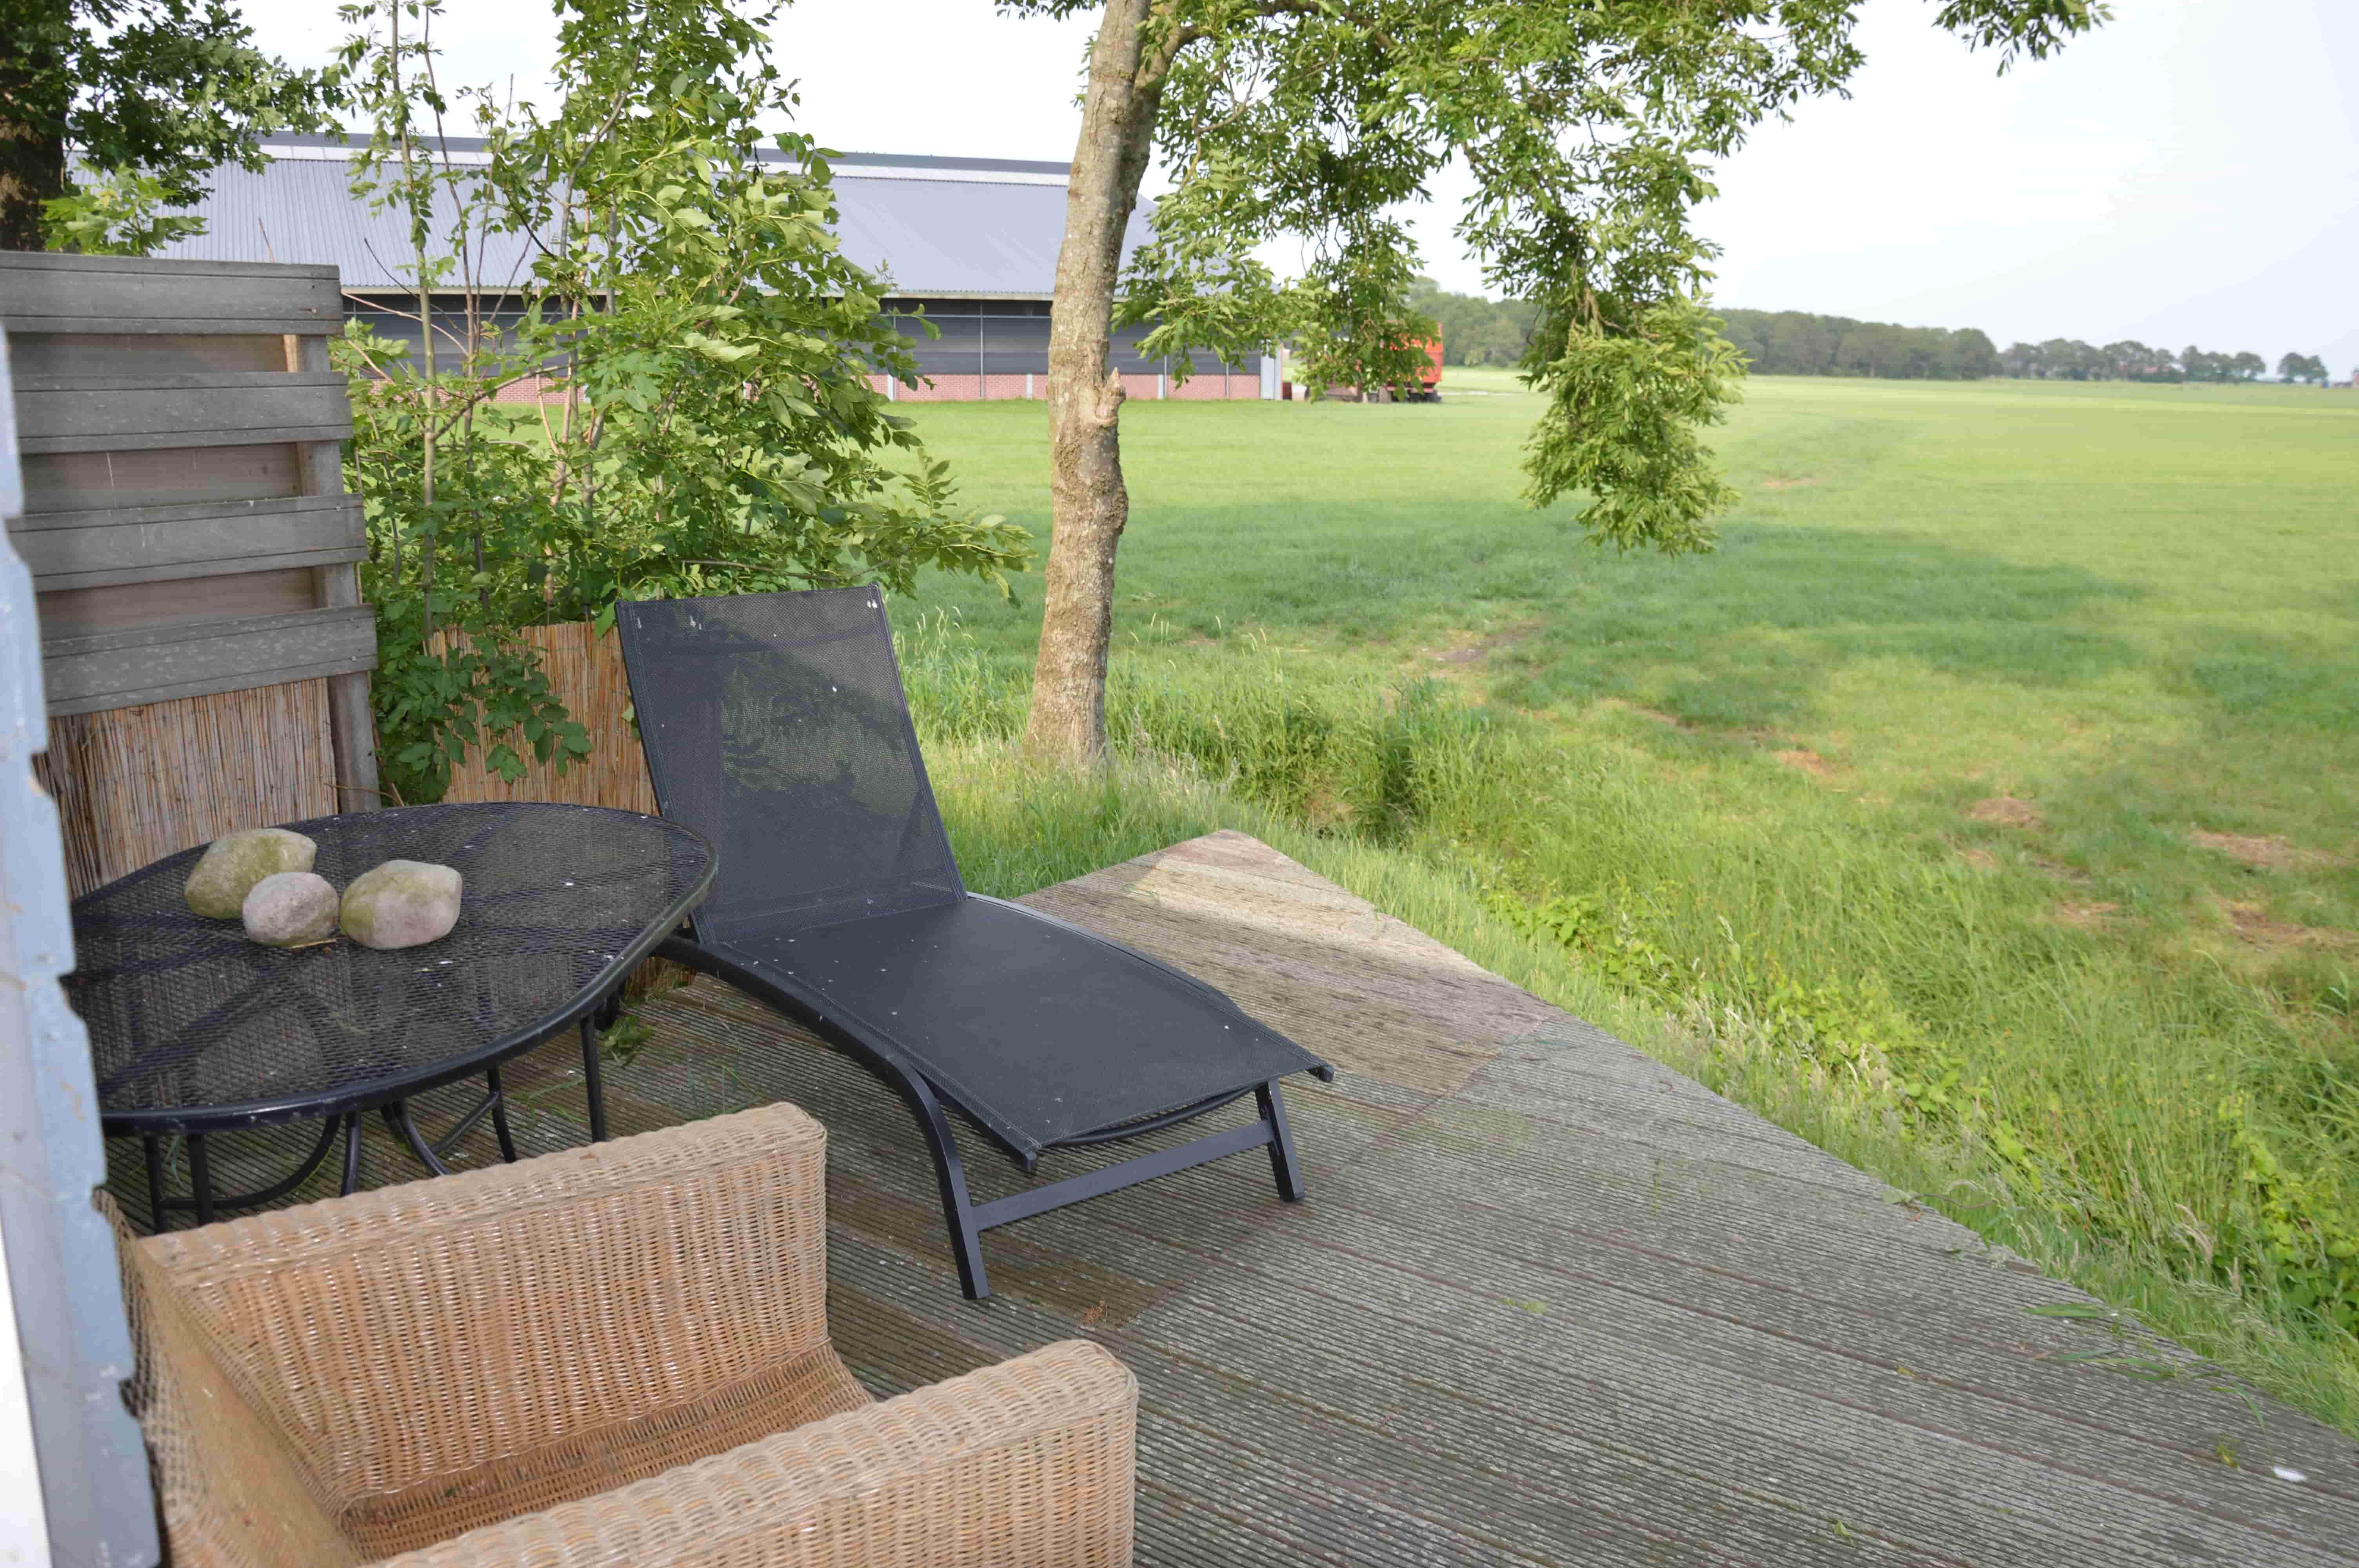 Chalet_Bed_&_Breakfast_Friesland_Noord_Nederland_Natuur_Rust_Vrijheid